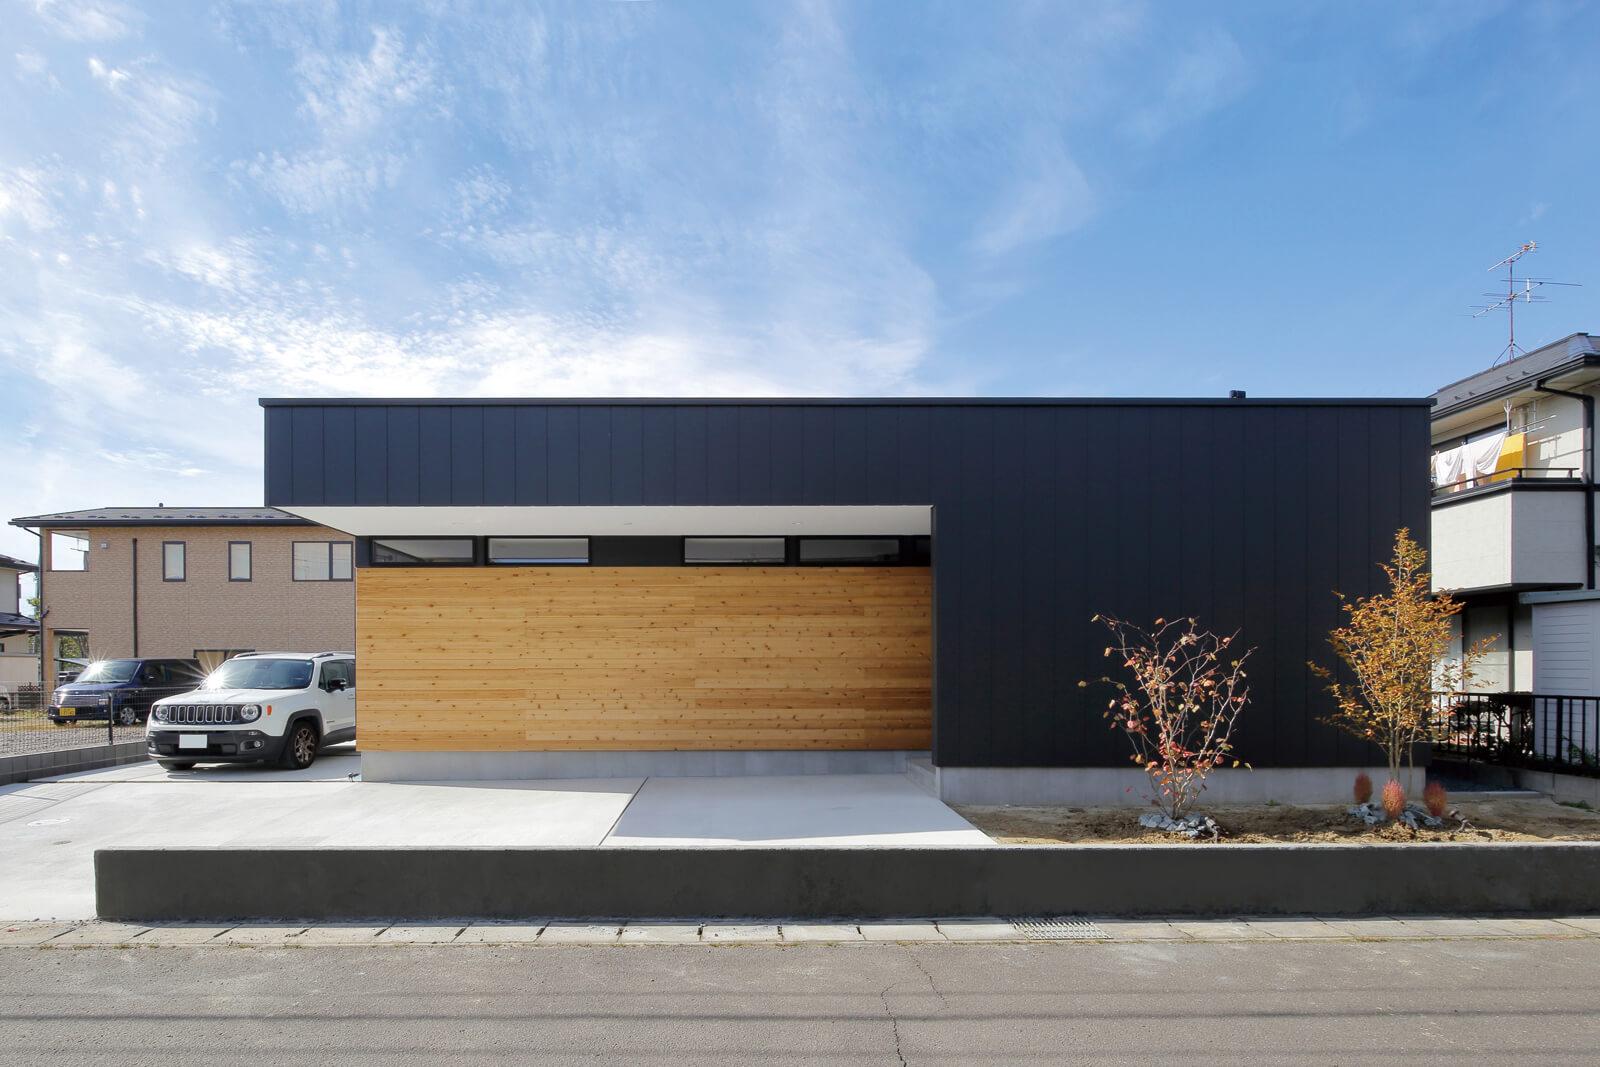 黒い外壁に木板張りと大きな庇が特徴的な外観